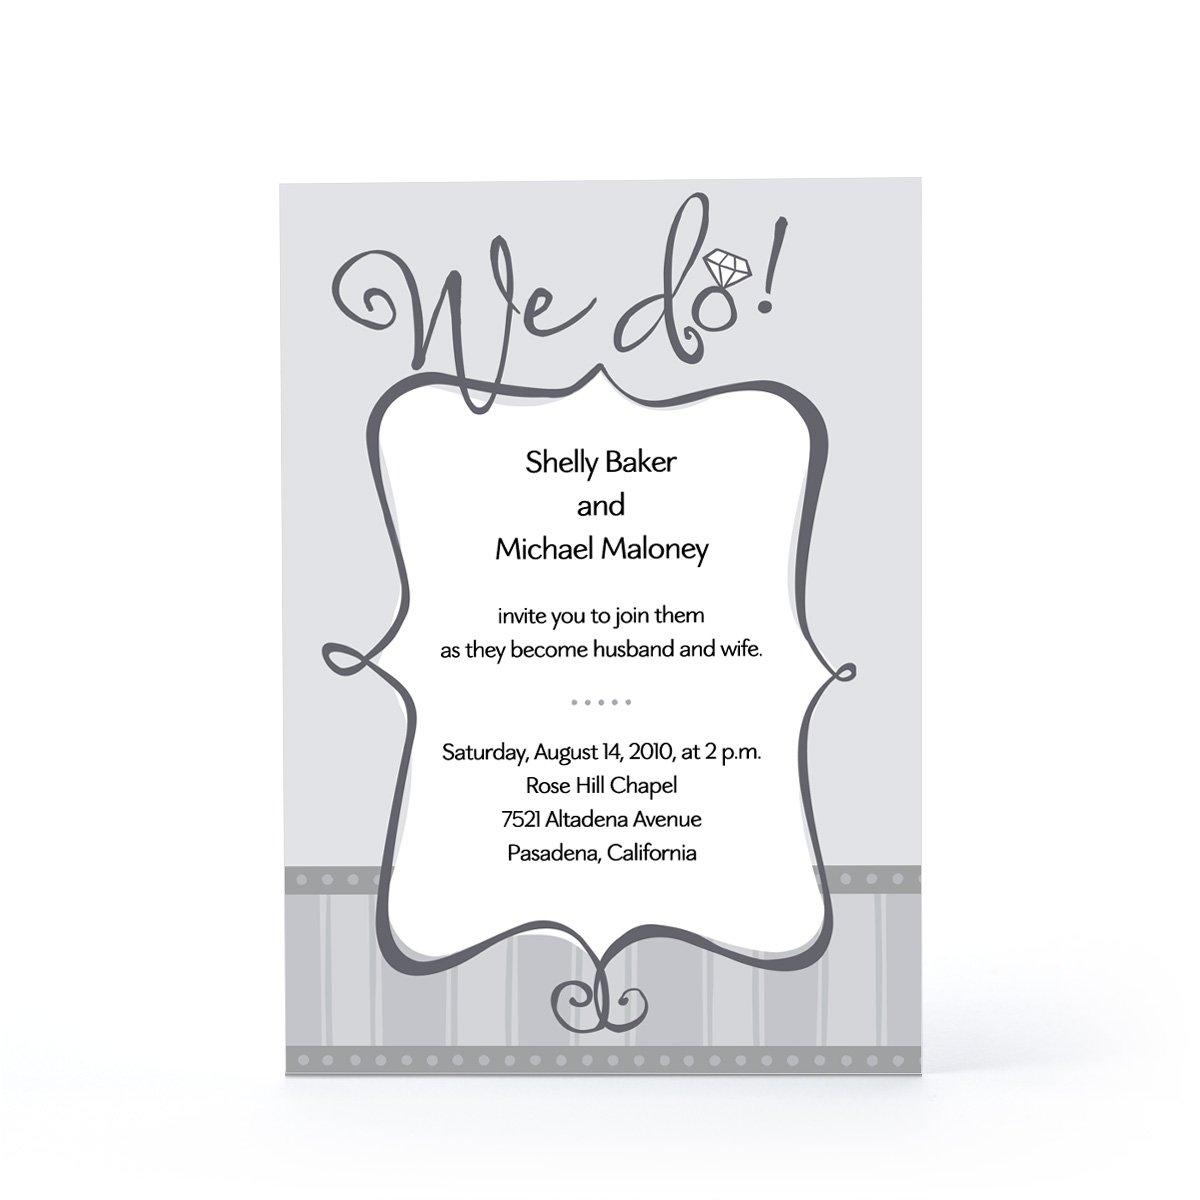 Hallmark Printable Wedding Invitations